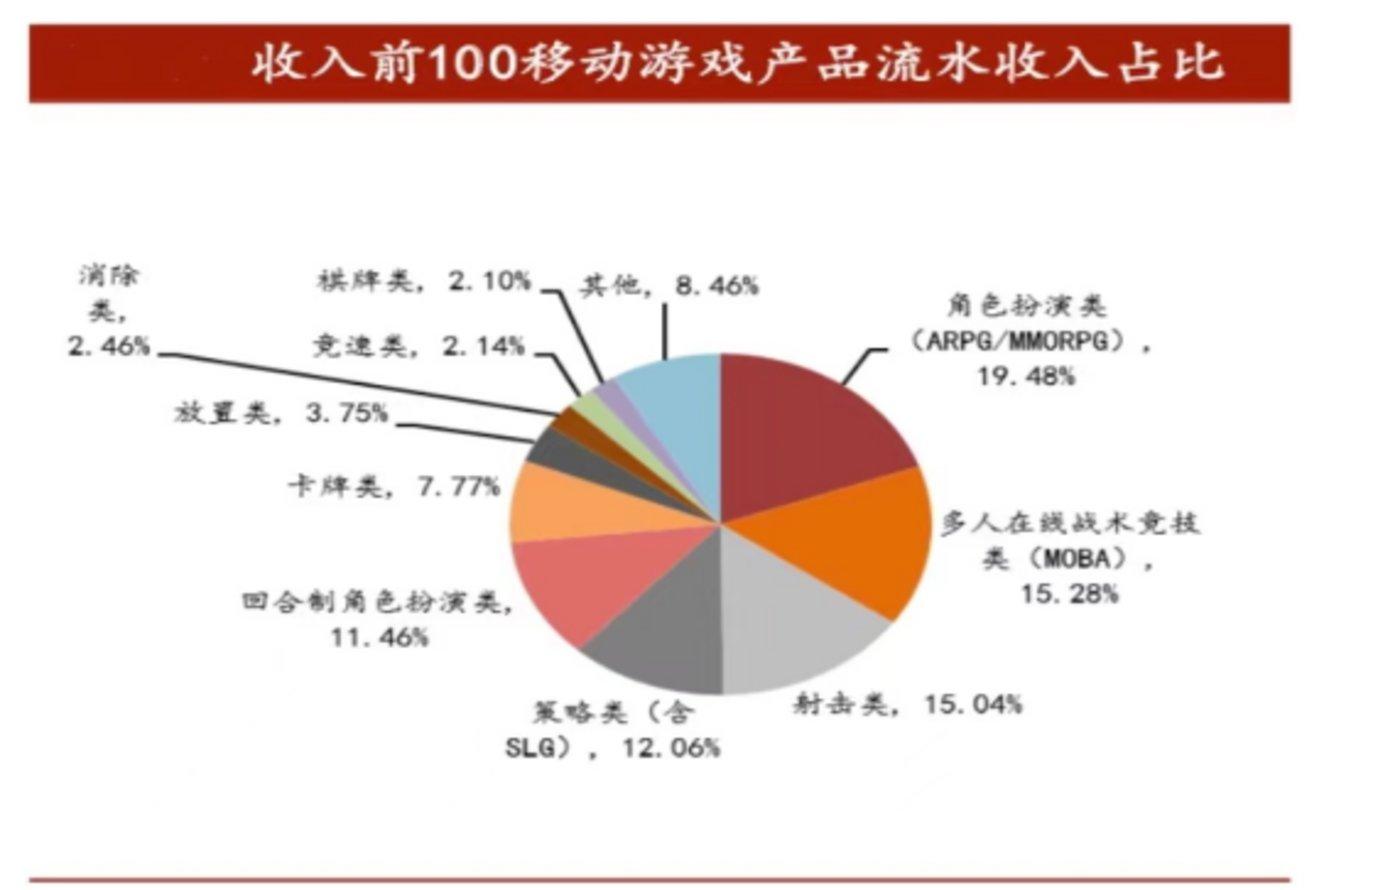 数据来源:财通证券研究所